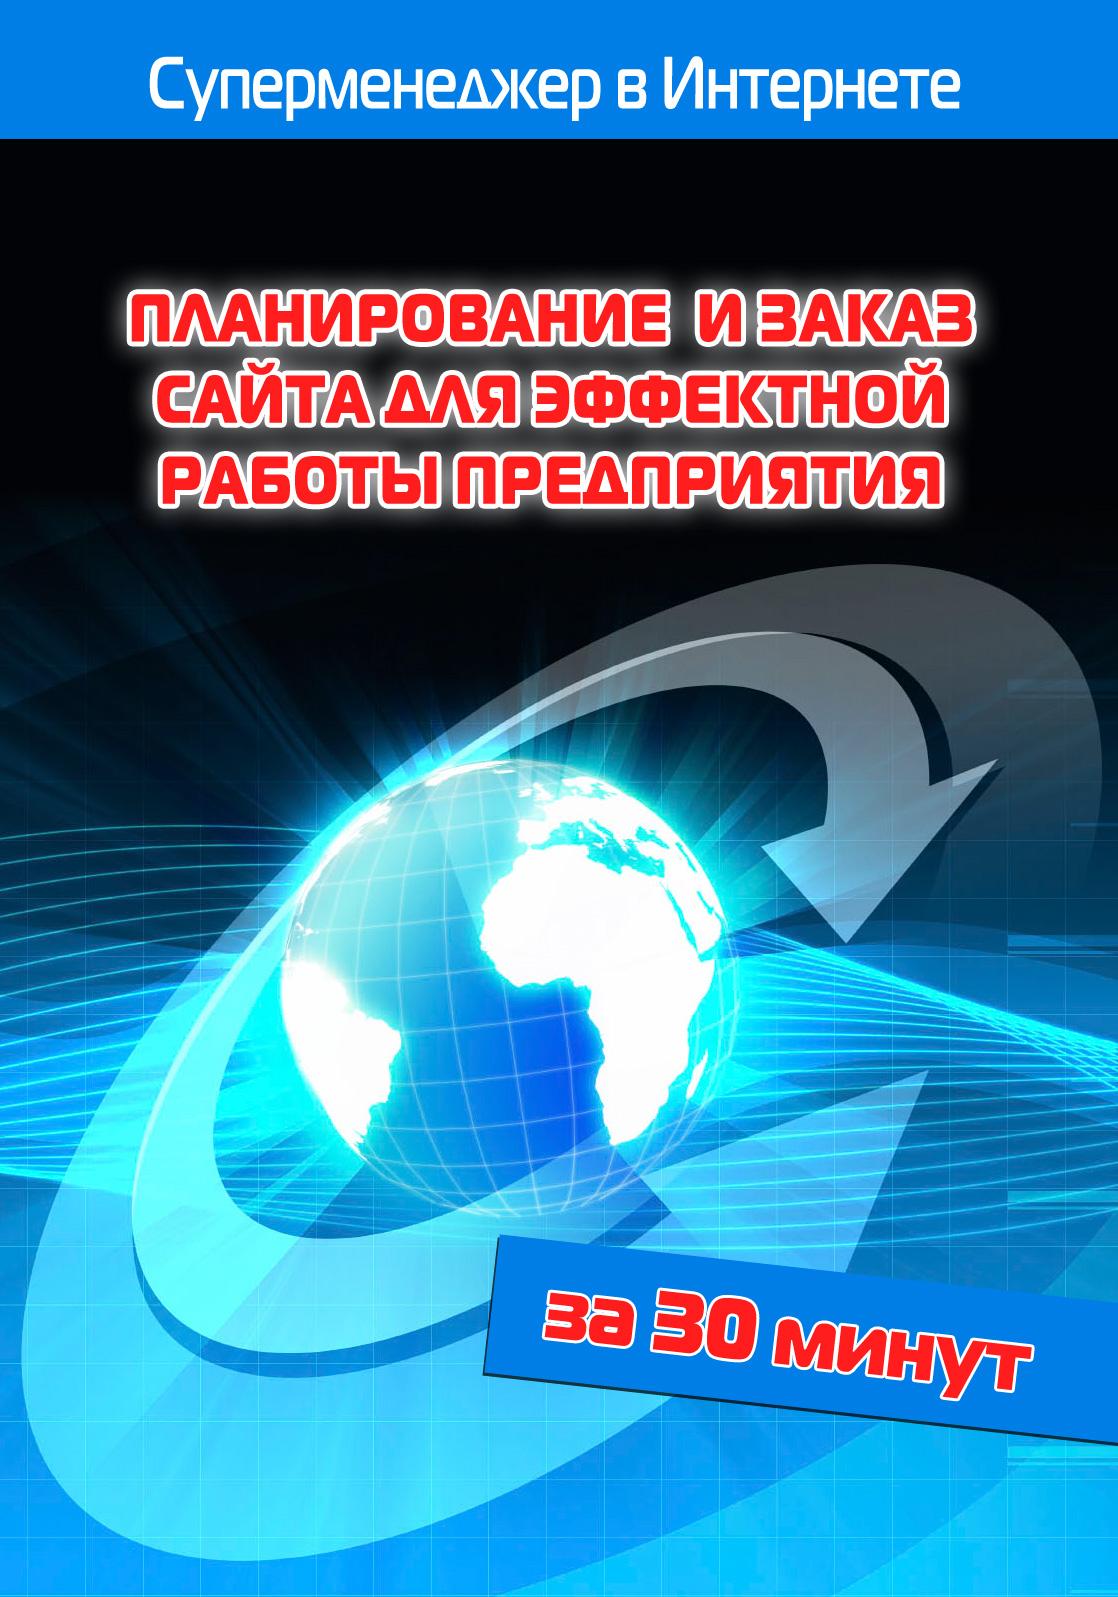 Книга Планирование и заказ сайта для эффектной работы предприятия